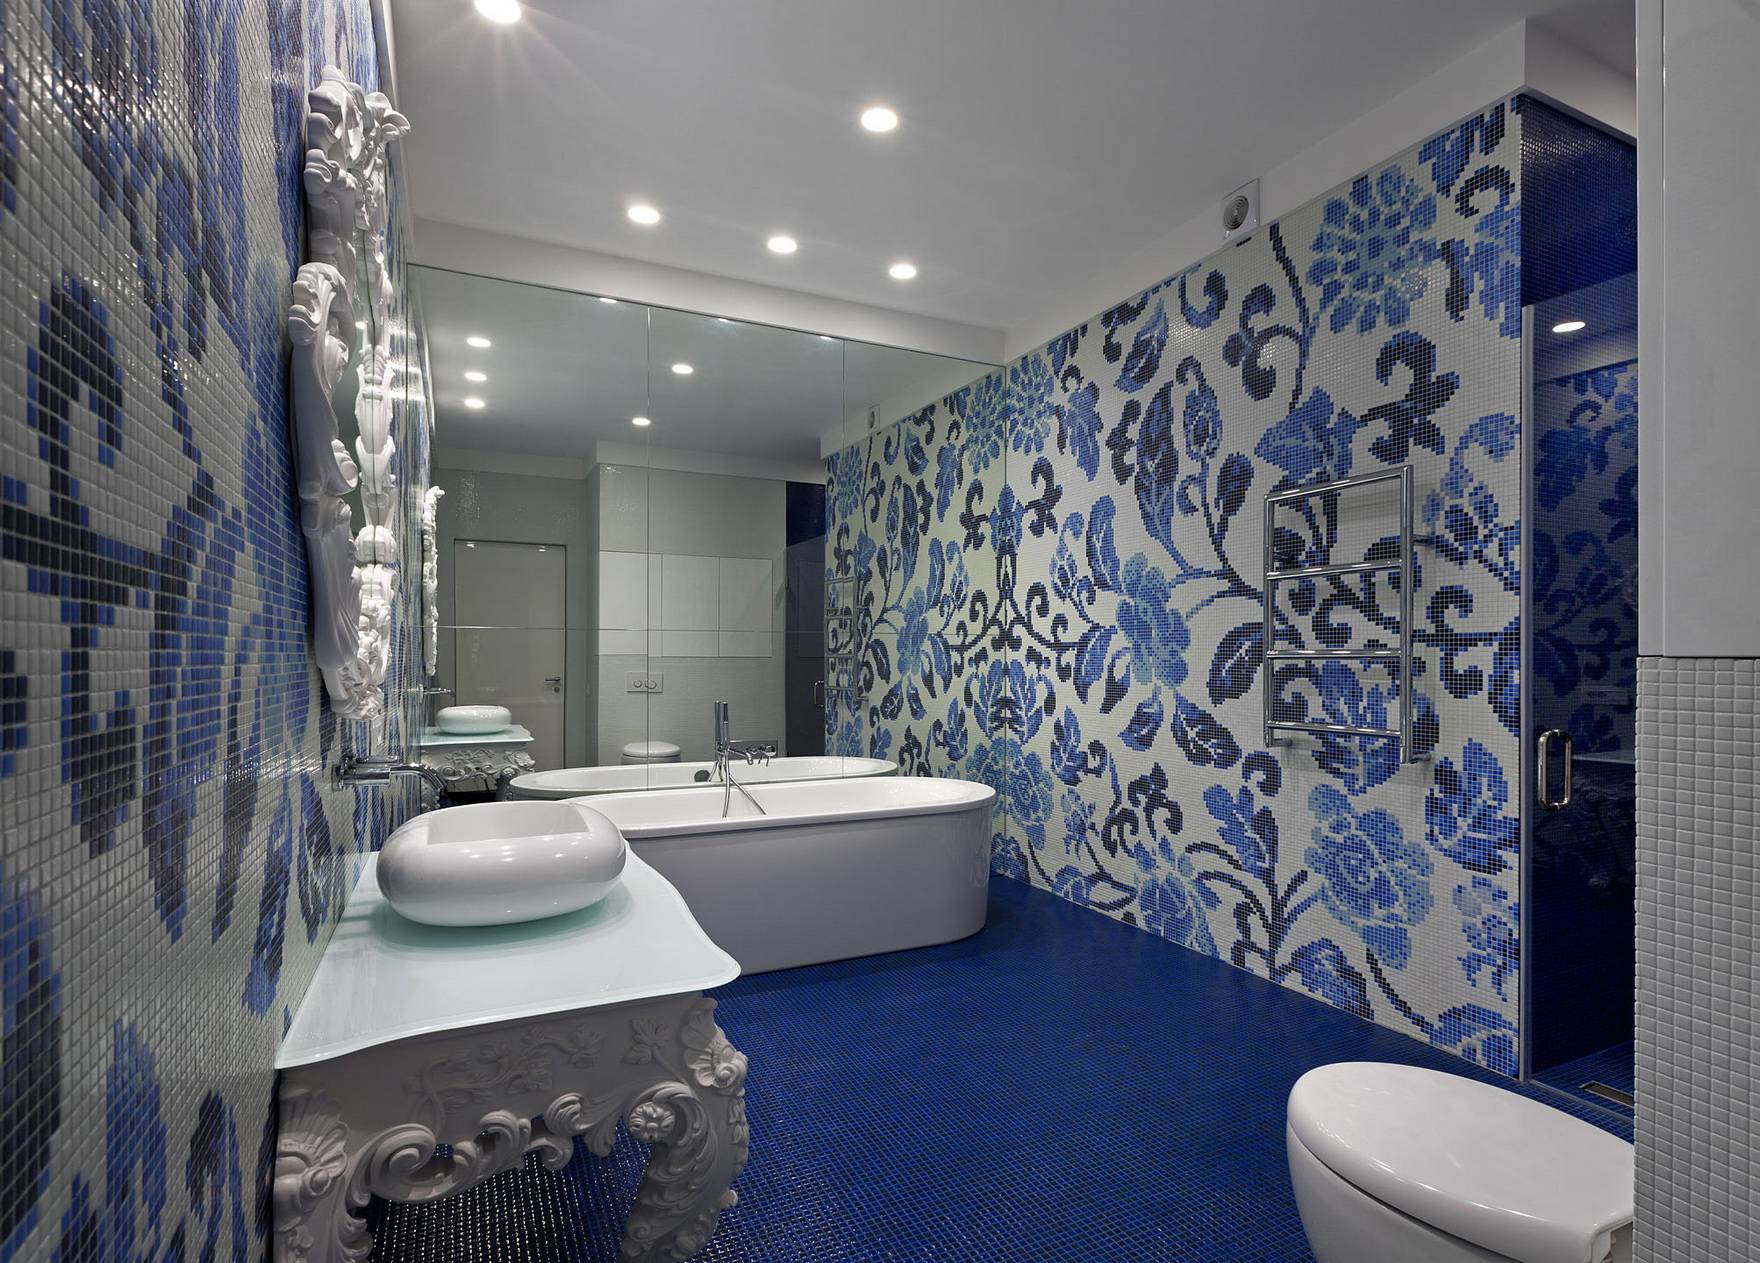 Плитка для ванной комнаты: 80 фото в интерьере, современные идеи дизайна